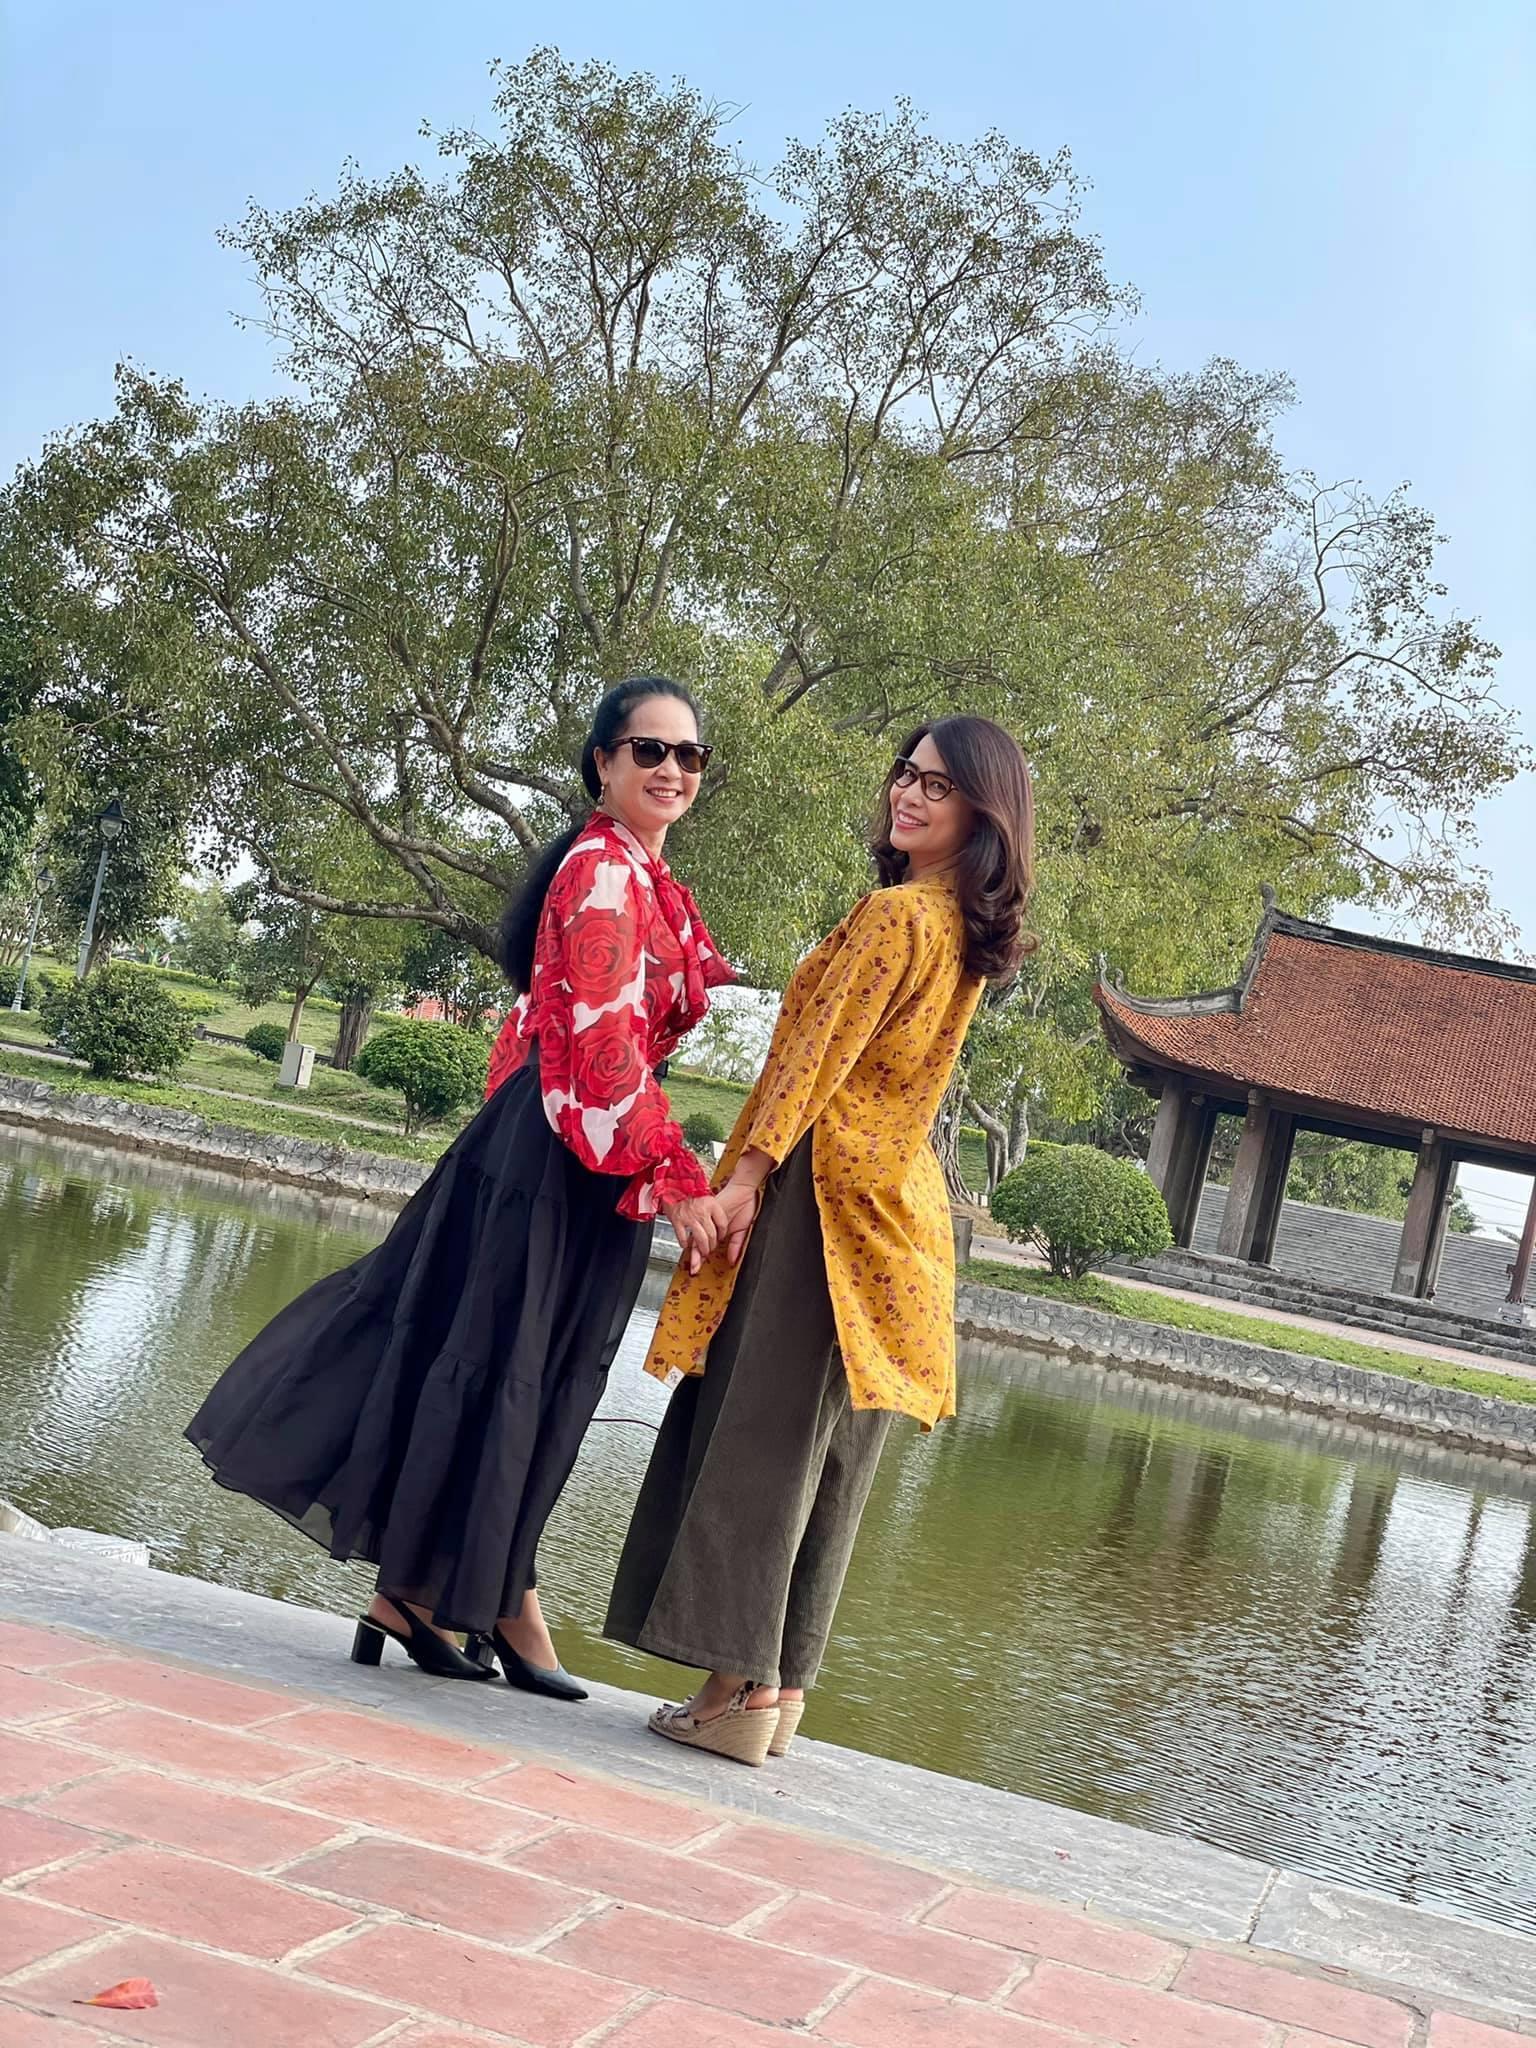 phut binh yen cua chi trung va ban gai kem 17 tuoi o que 9 Sao Việt hôm nay 25/2: Phút bình yên của Chí Trung và bạn gái ở quê